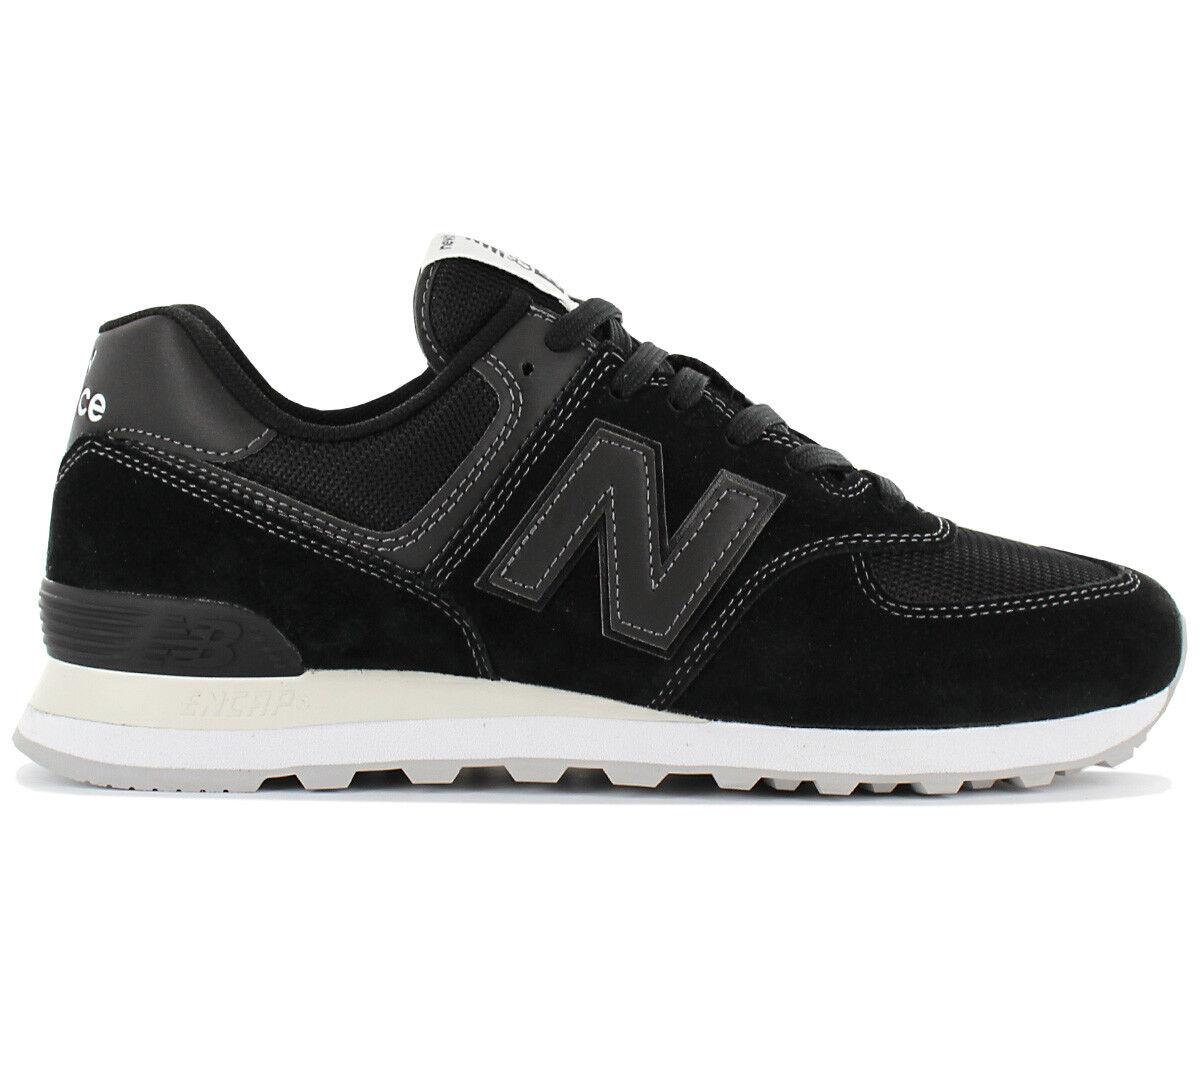 New Balance Classics Schuhe 574 Herren Sneaker ML574ETA Schuhe Classics Turnschuhe Schwarz NEU 0dd902